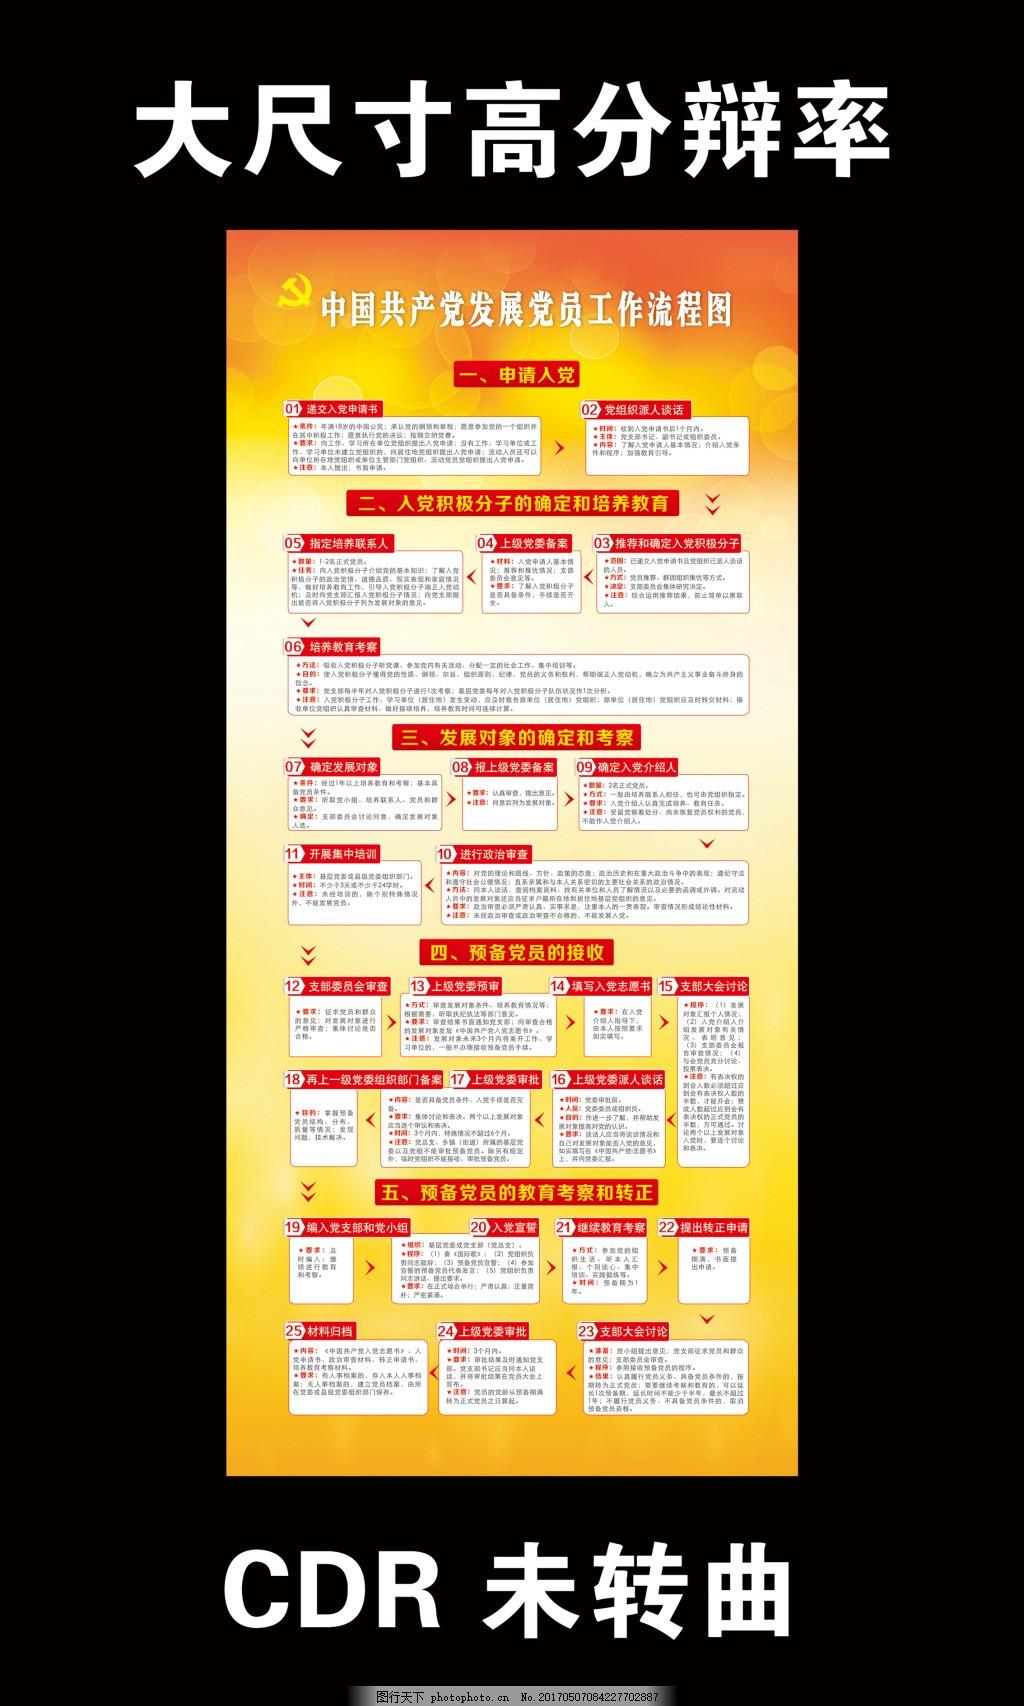 创卫宣传栏内容_中国共产党发展党员工作流程图图片_党建展板展架_展板展架-图 ...